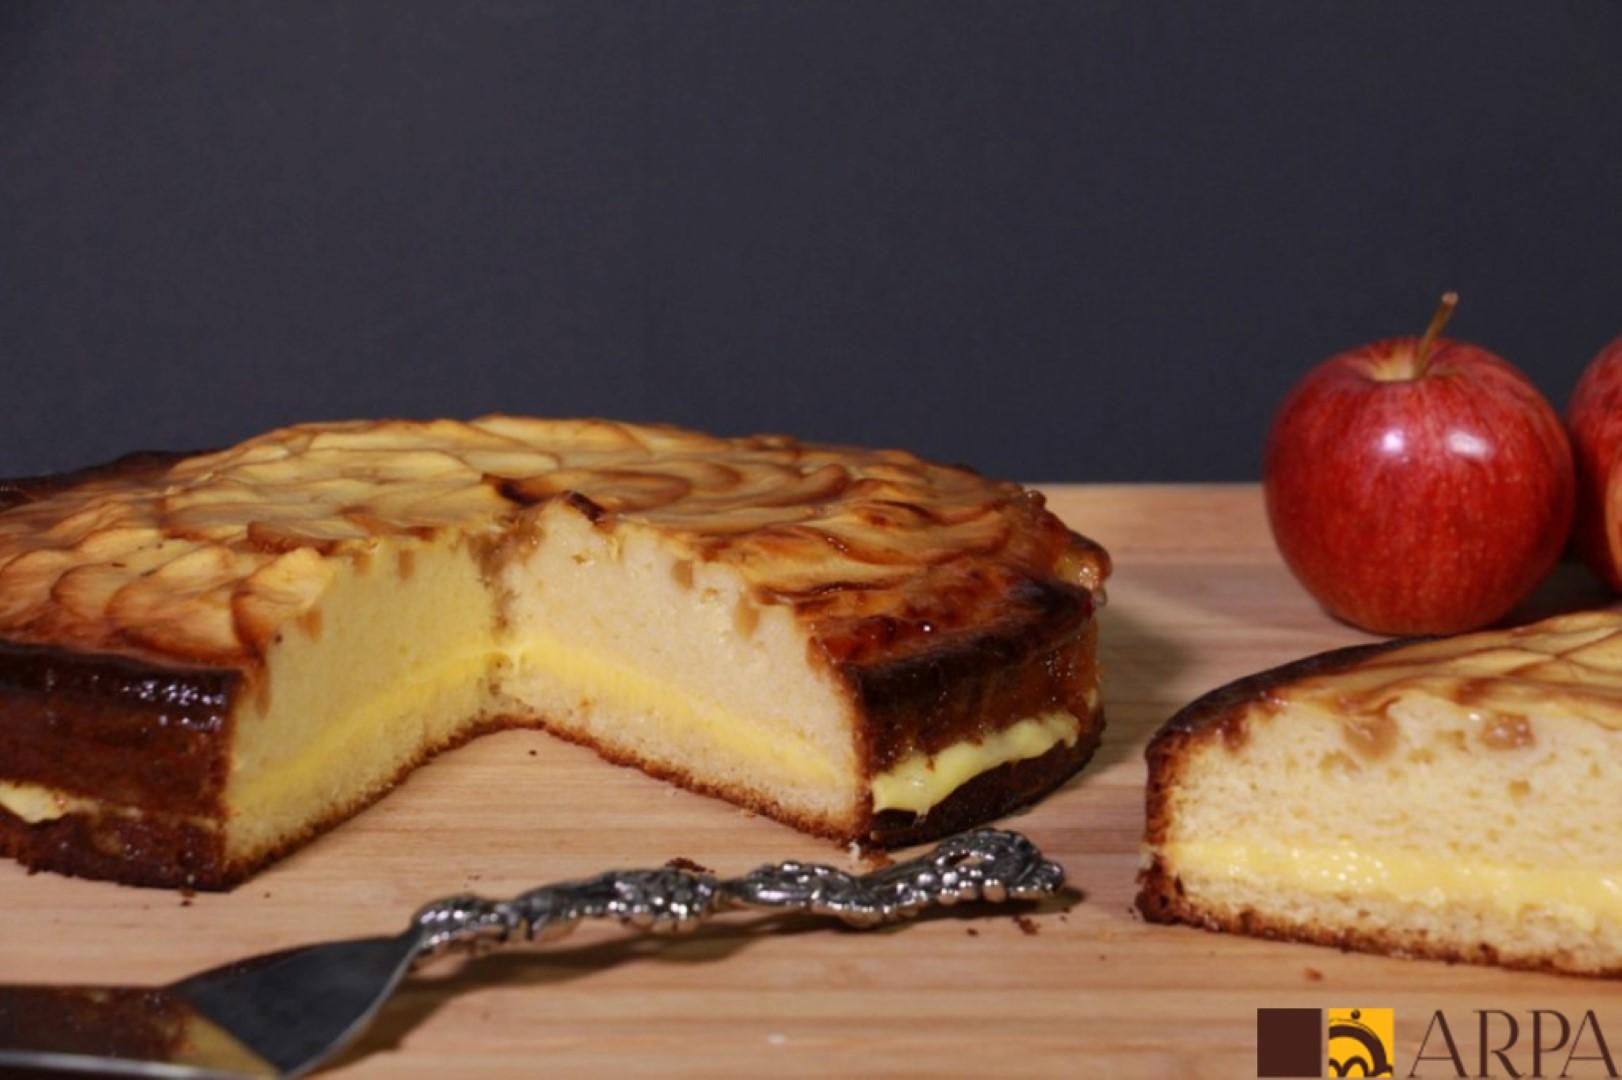 Tarta de manzana estilo alemana, de bizcocho relleno de crema y cubierta de compota y láminas de manzana natural